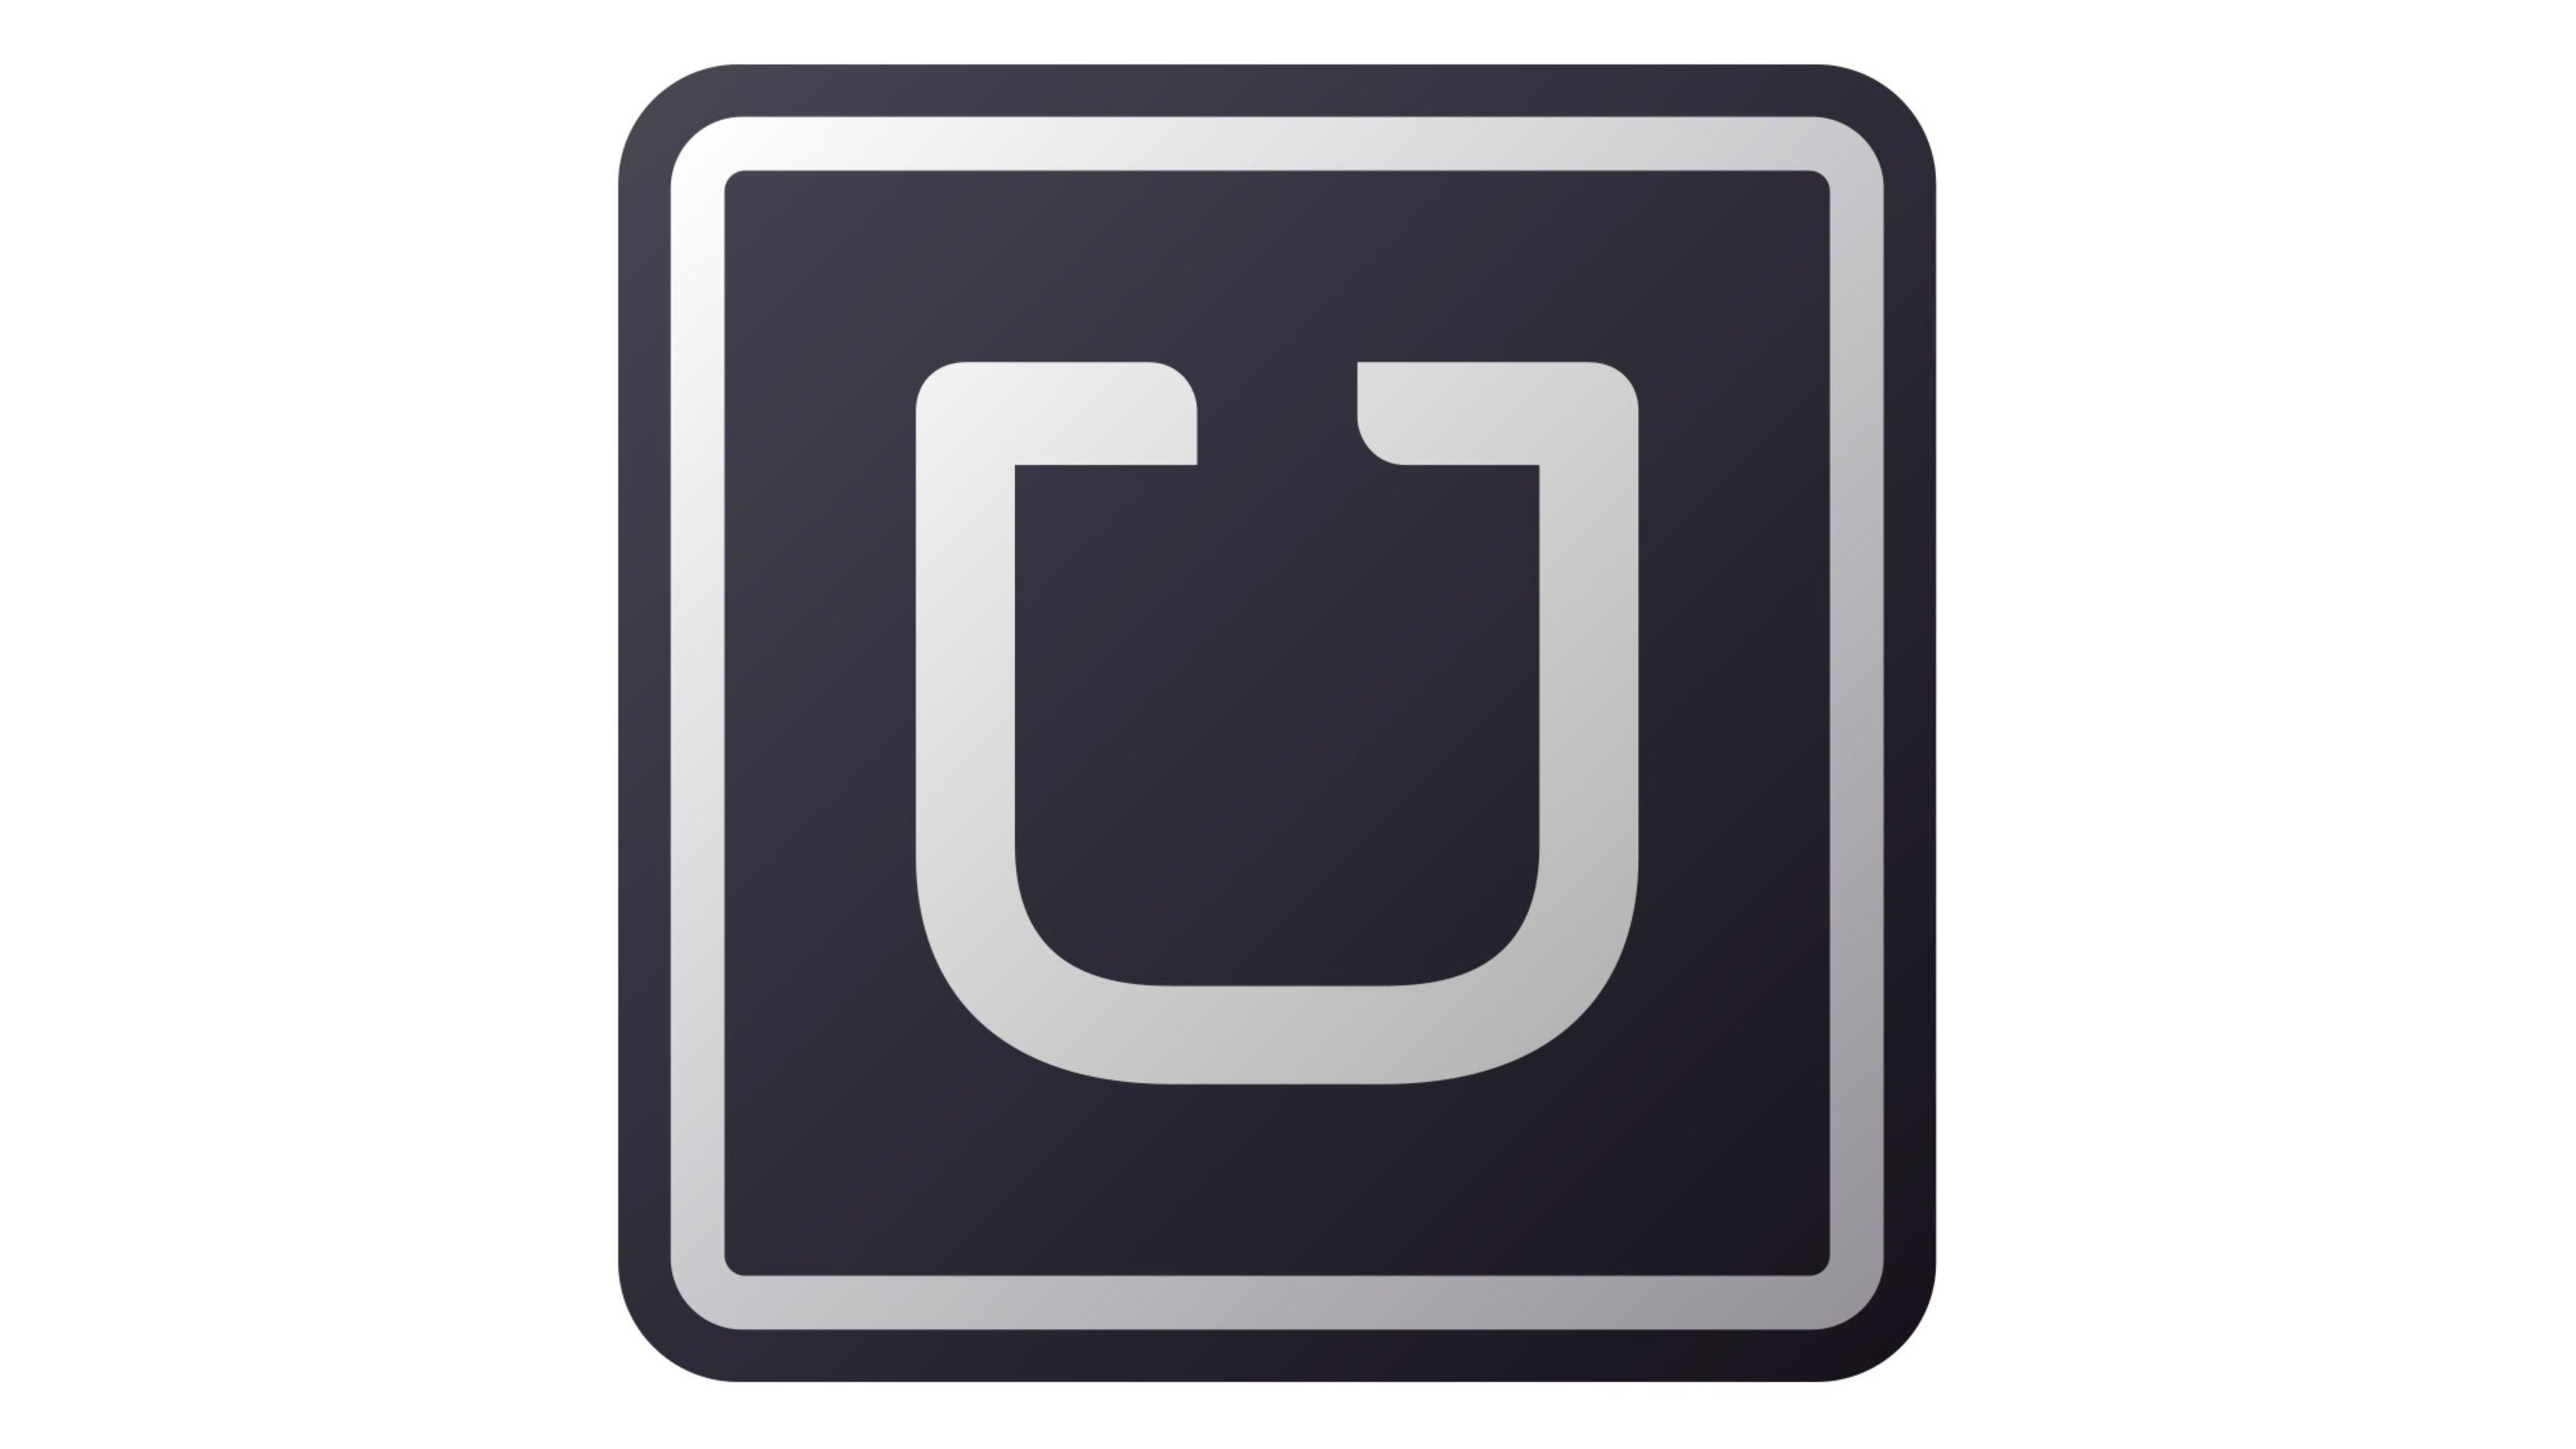 1405965587000-uber-logo.jpg